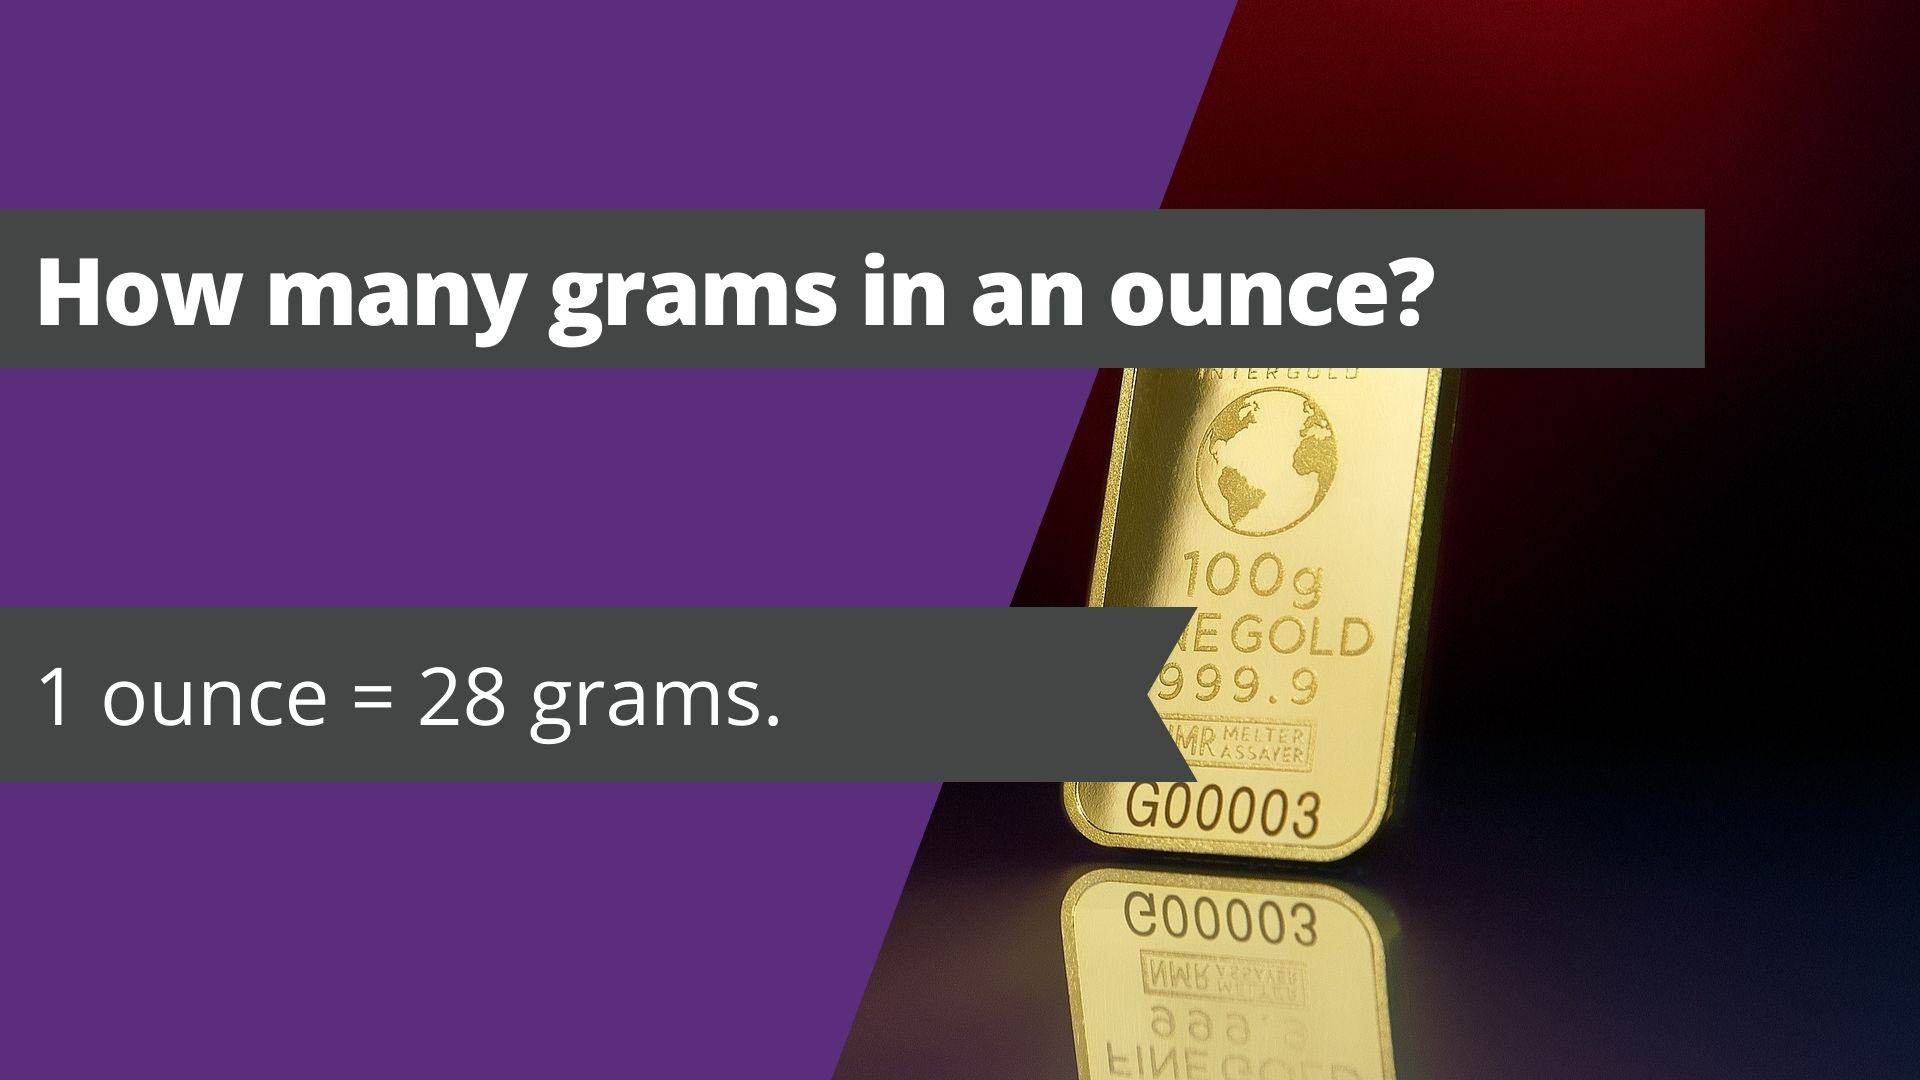 How many grams in an ounce? 1 ounce = 28 grams.